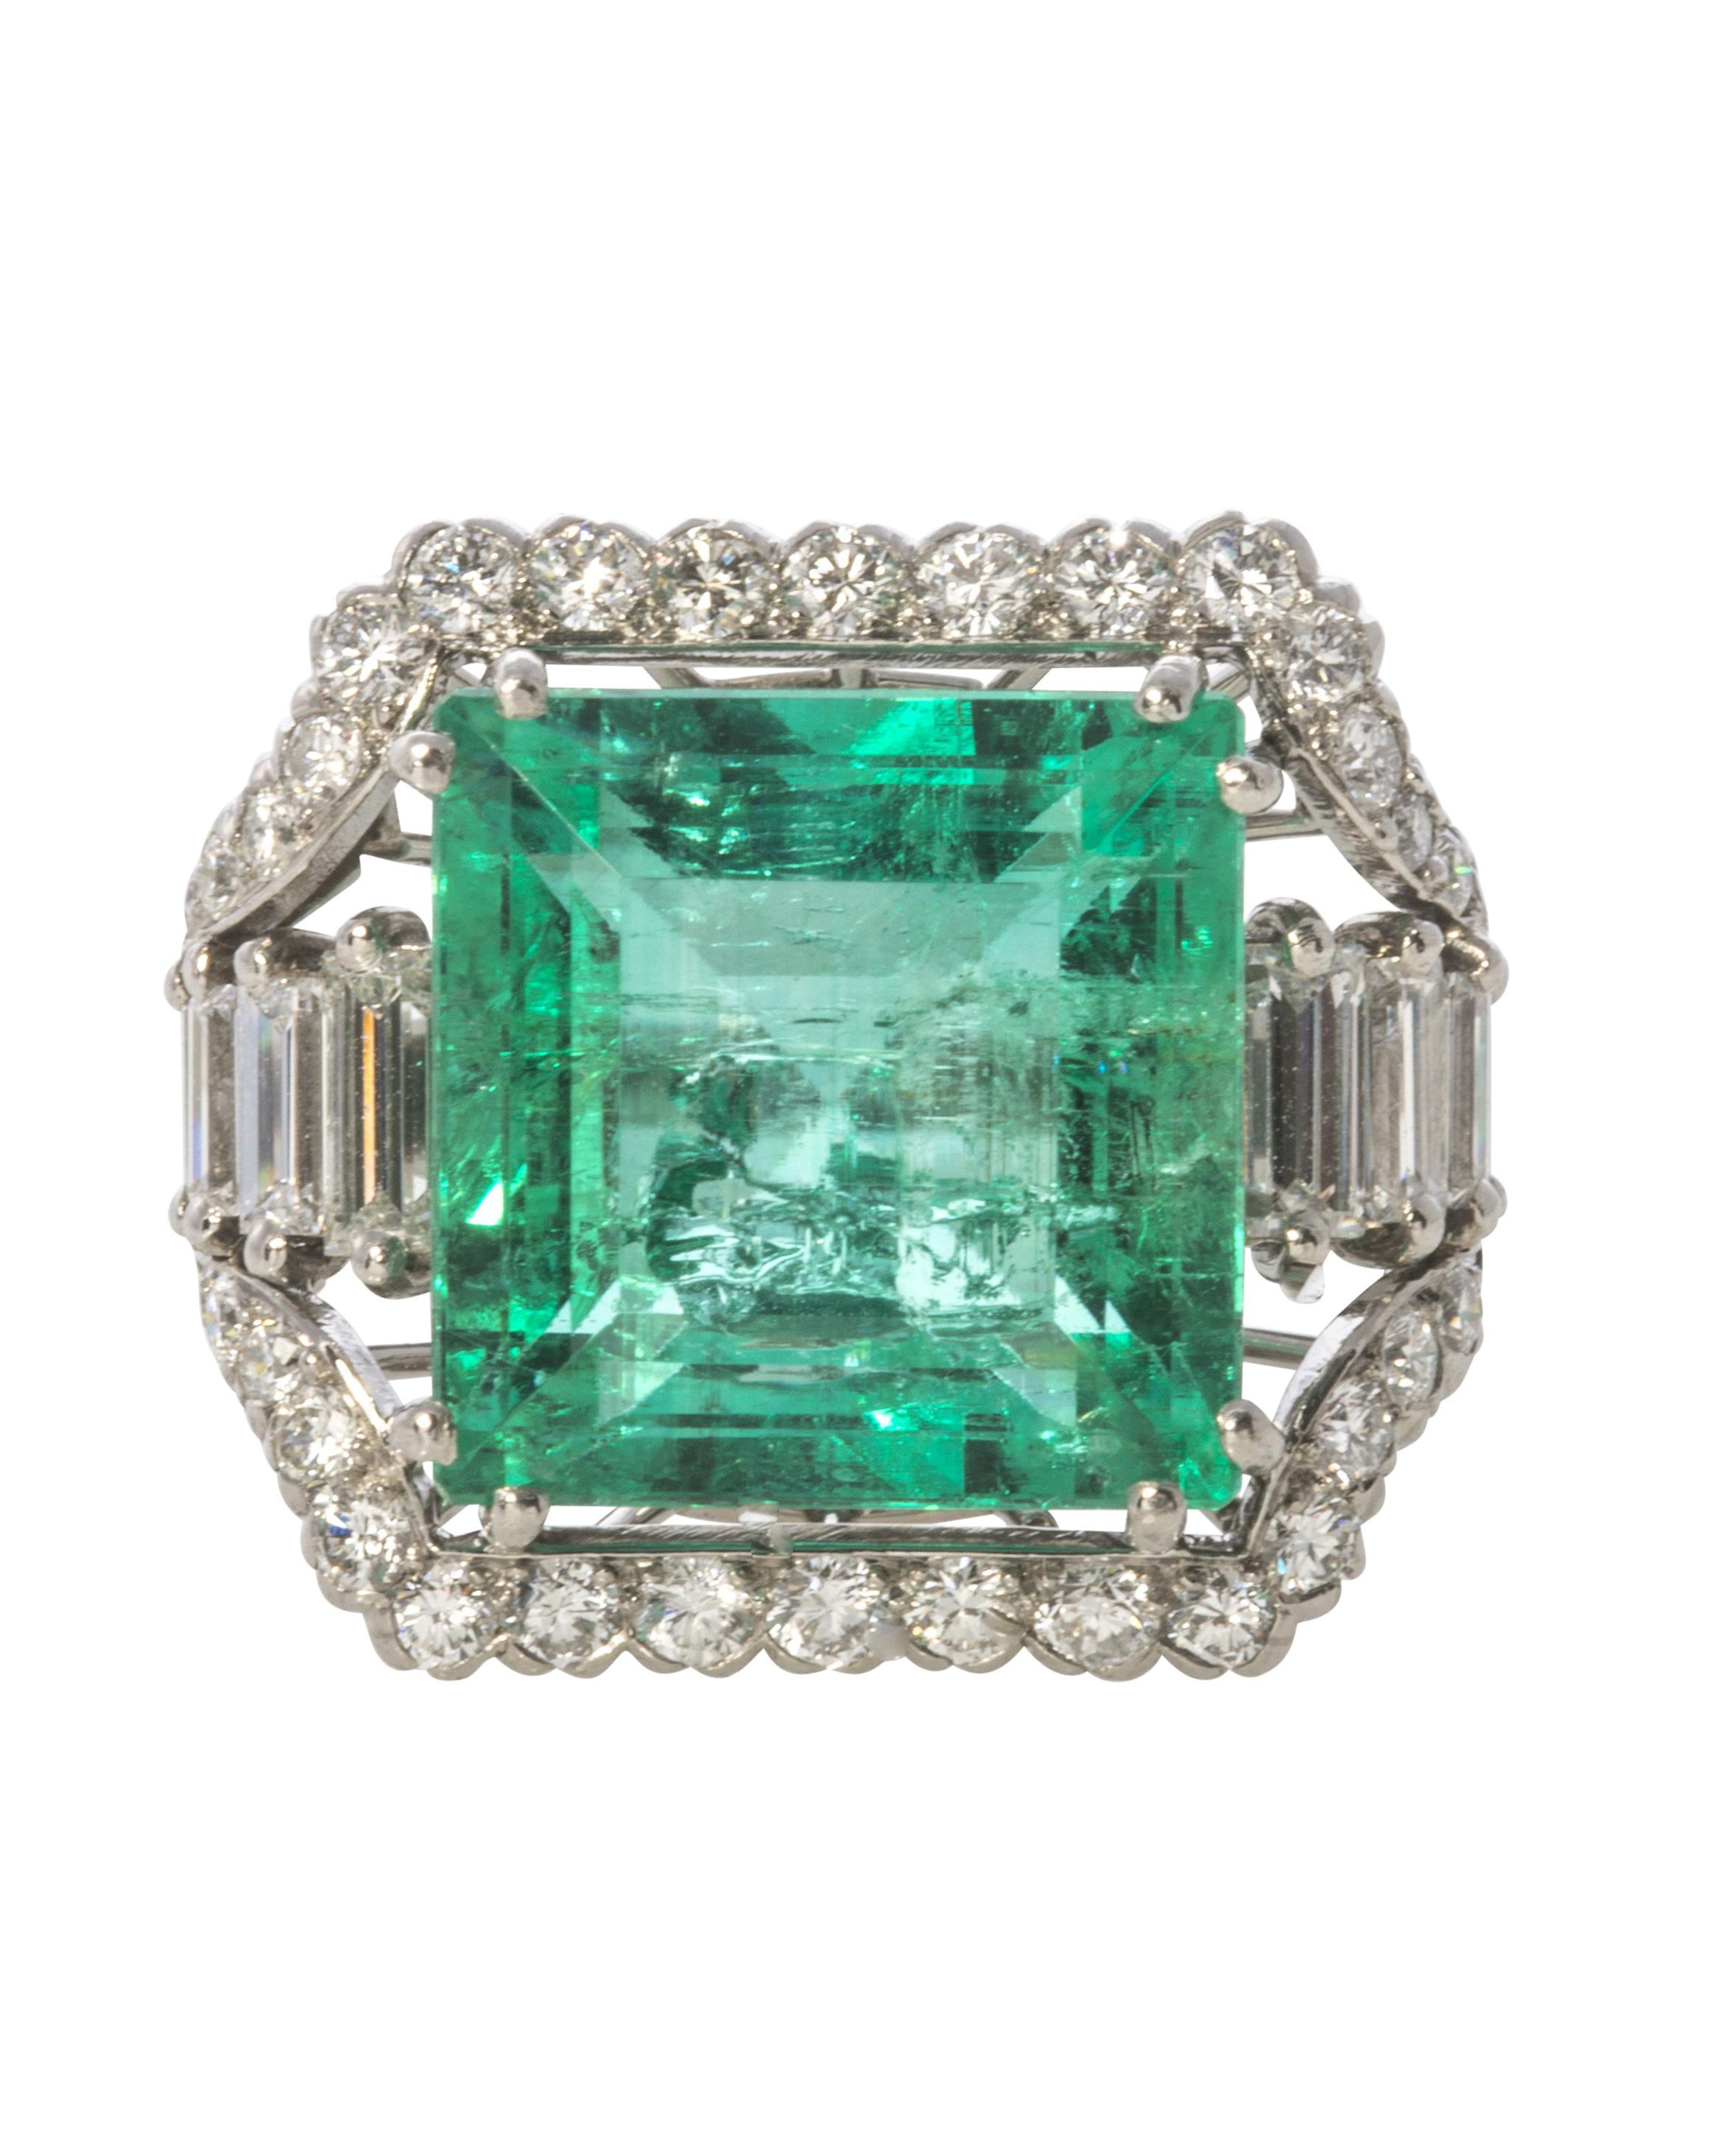 Art Deco Emerald and Diamond Platinum Ring